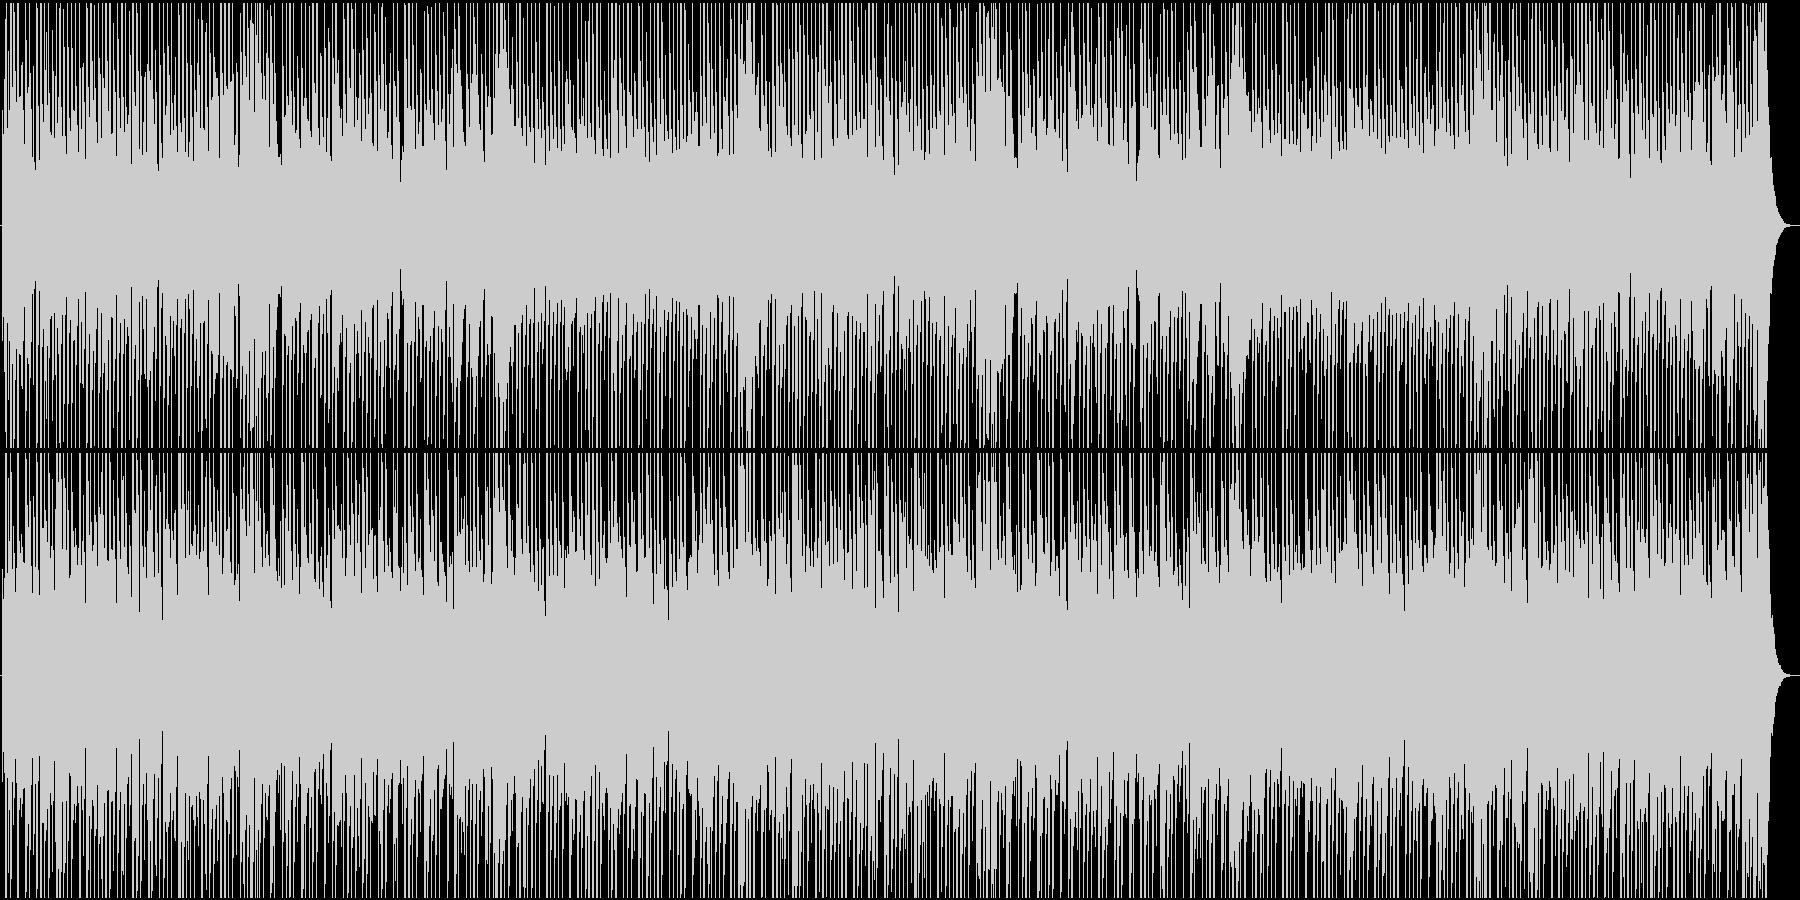 使いやすい!ポップな和風BGM 2の未再生の波形